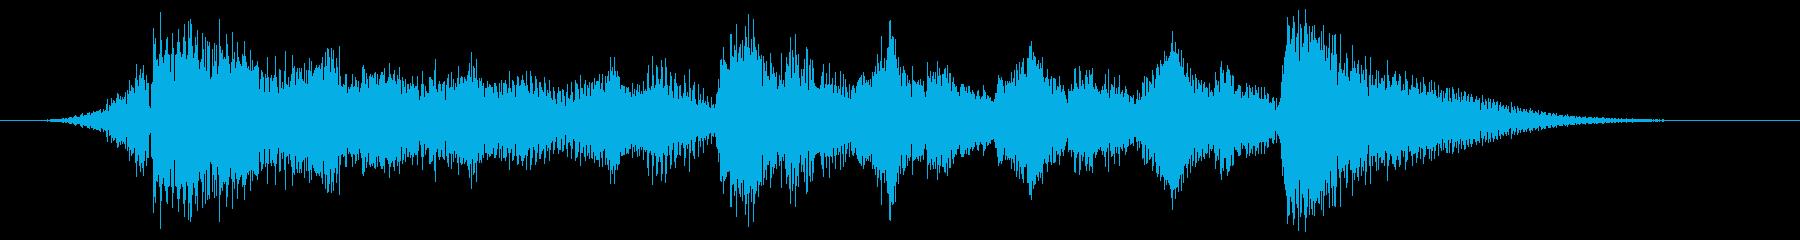 ハローウィン用のホラー曲-スティンガーの再生済みの波形